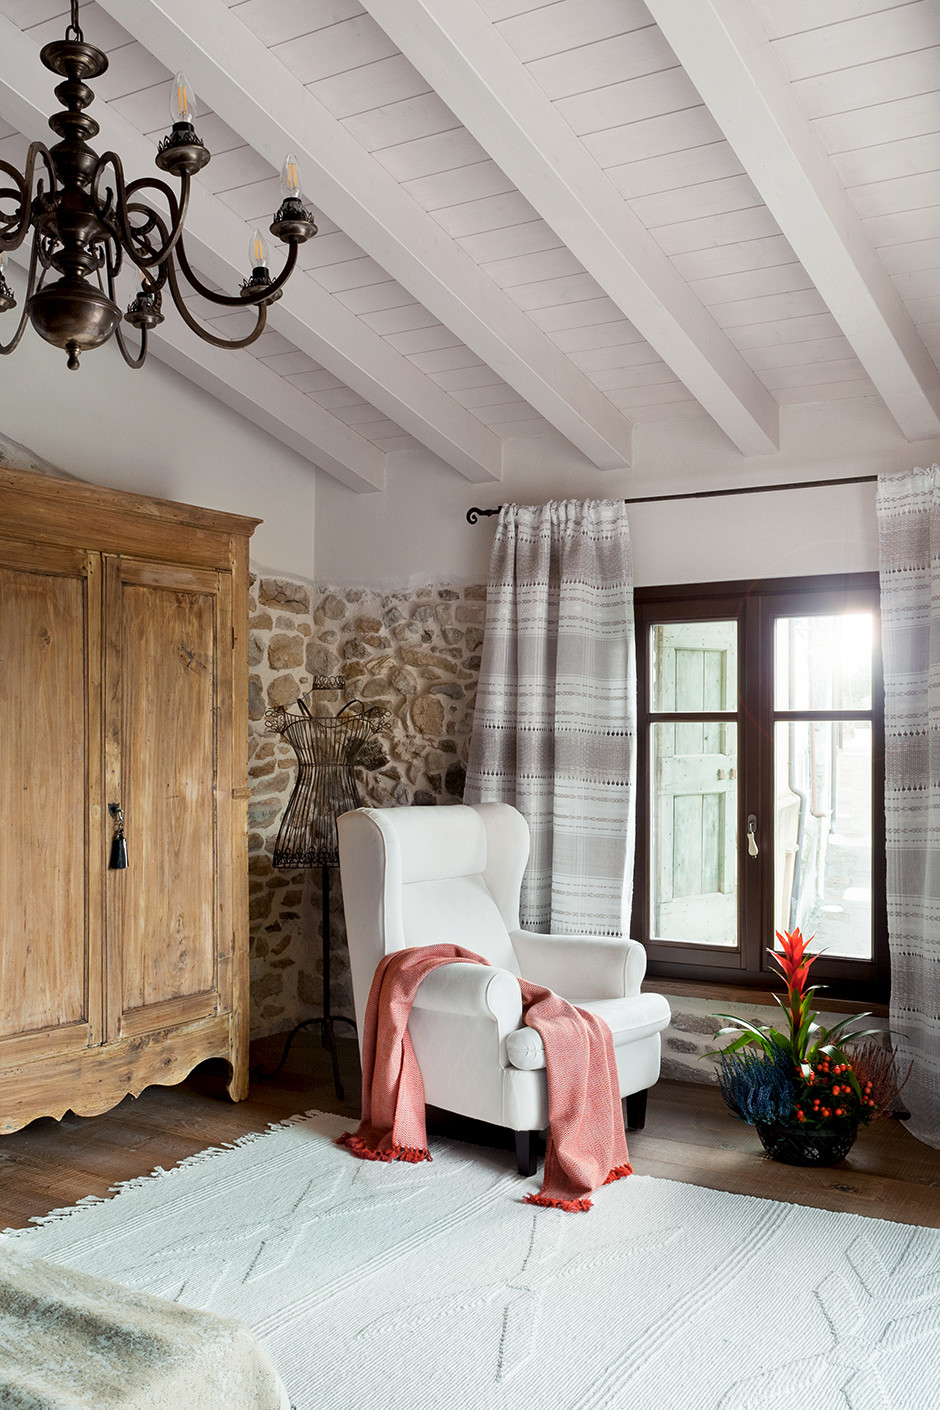 Уютный дом в Италии уютный дом в италии Уютный дом в Италии от Жени Ждановой  1 7fa71ccf17ff3fb3b07adb79de7ae0ff  0xc35dbb80 2125486811499246580